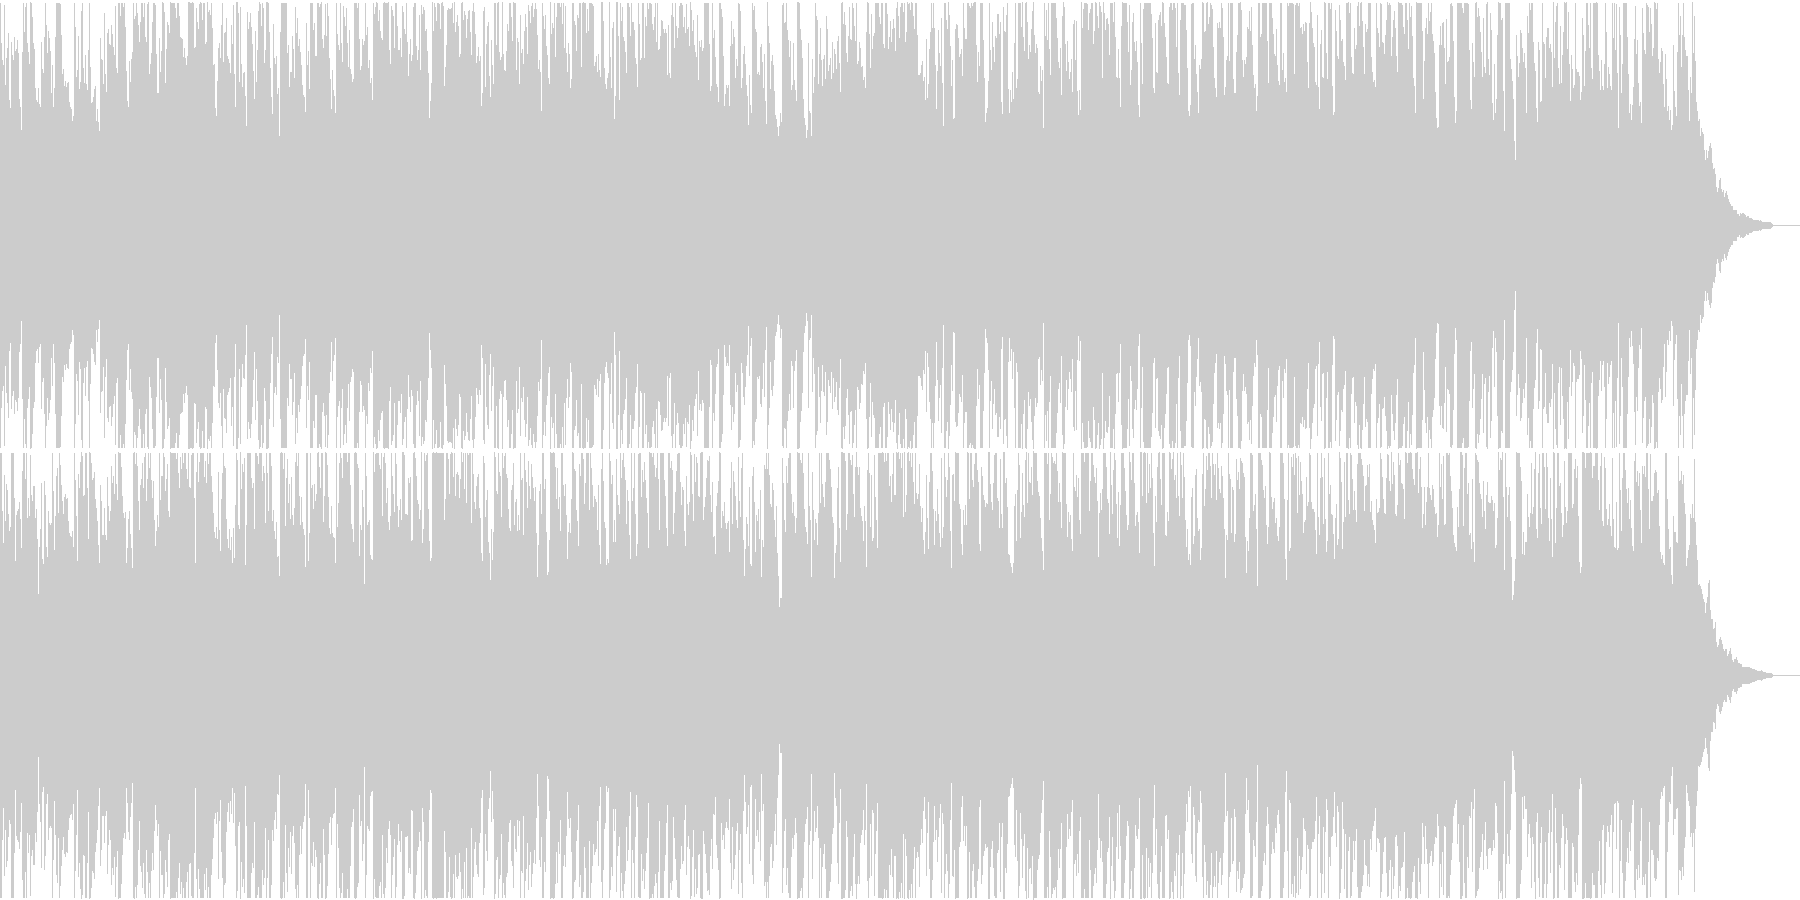 ほんわかしたエレピの曲ですの未再生の波形